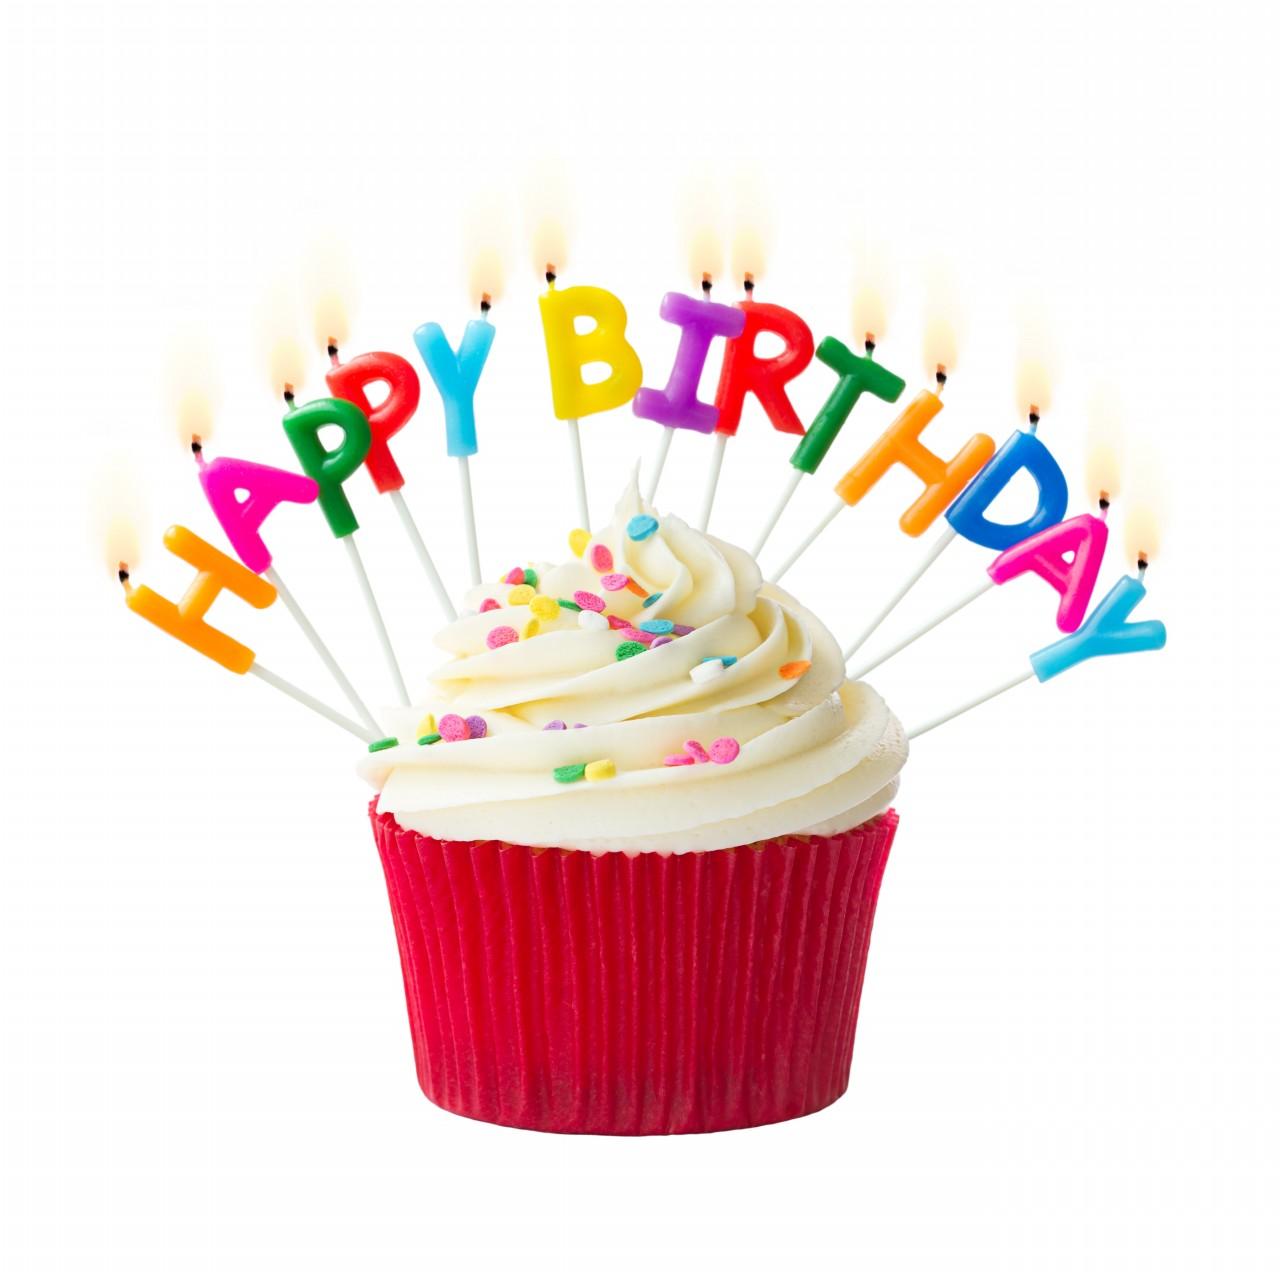 付き合ってないけど好きな彼へ♡誕生日プレゼントのアイデアまとめのサムネイル画像